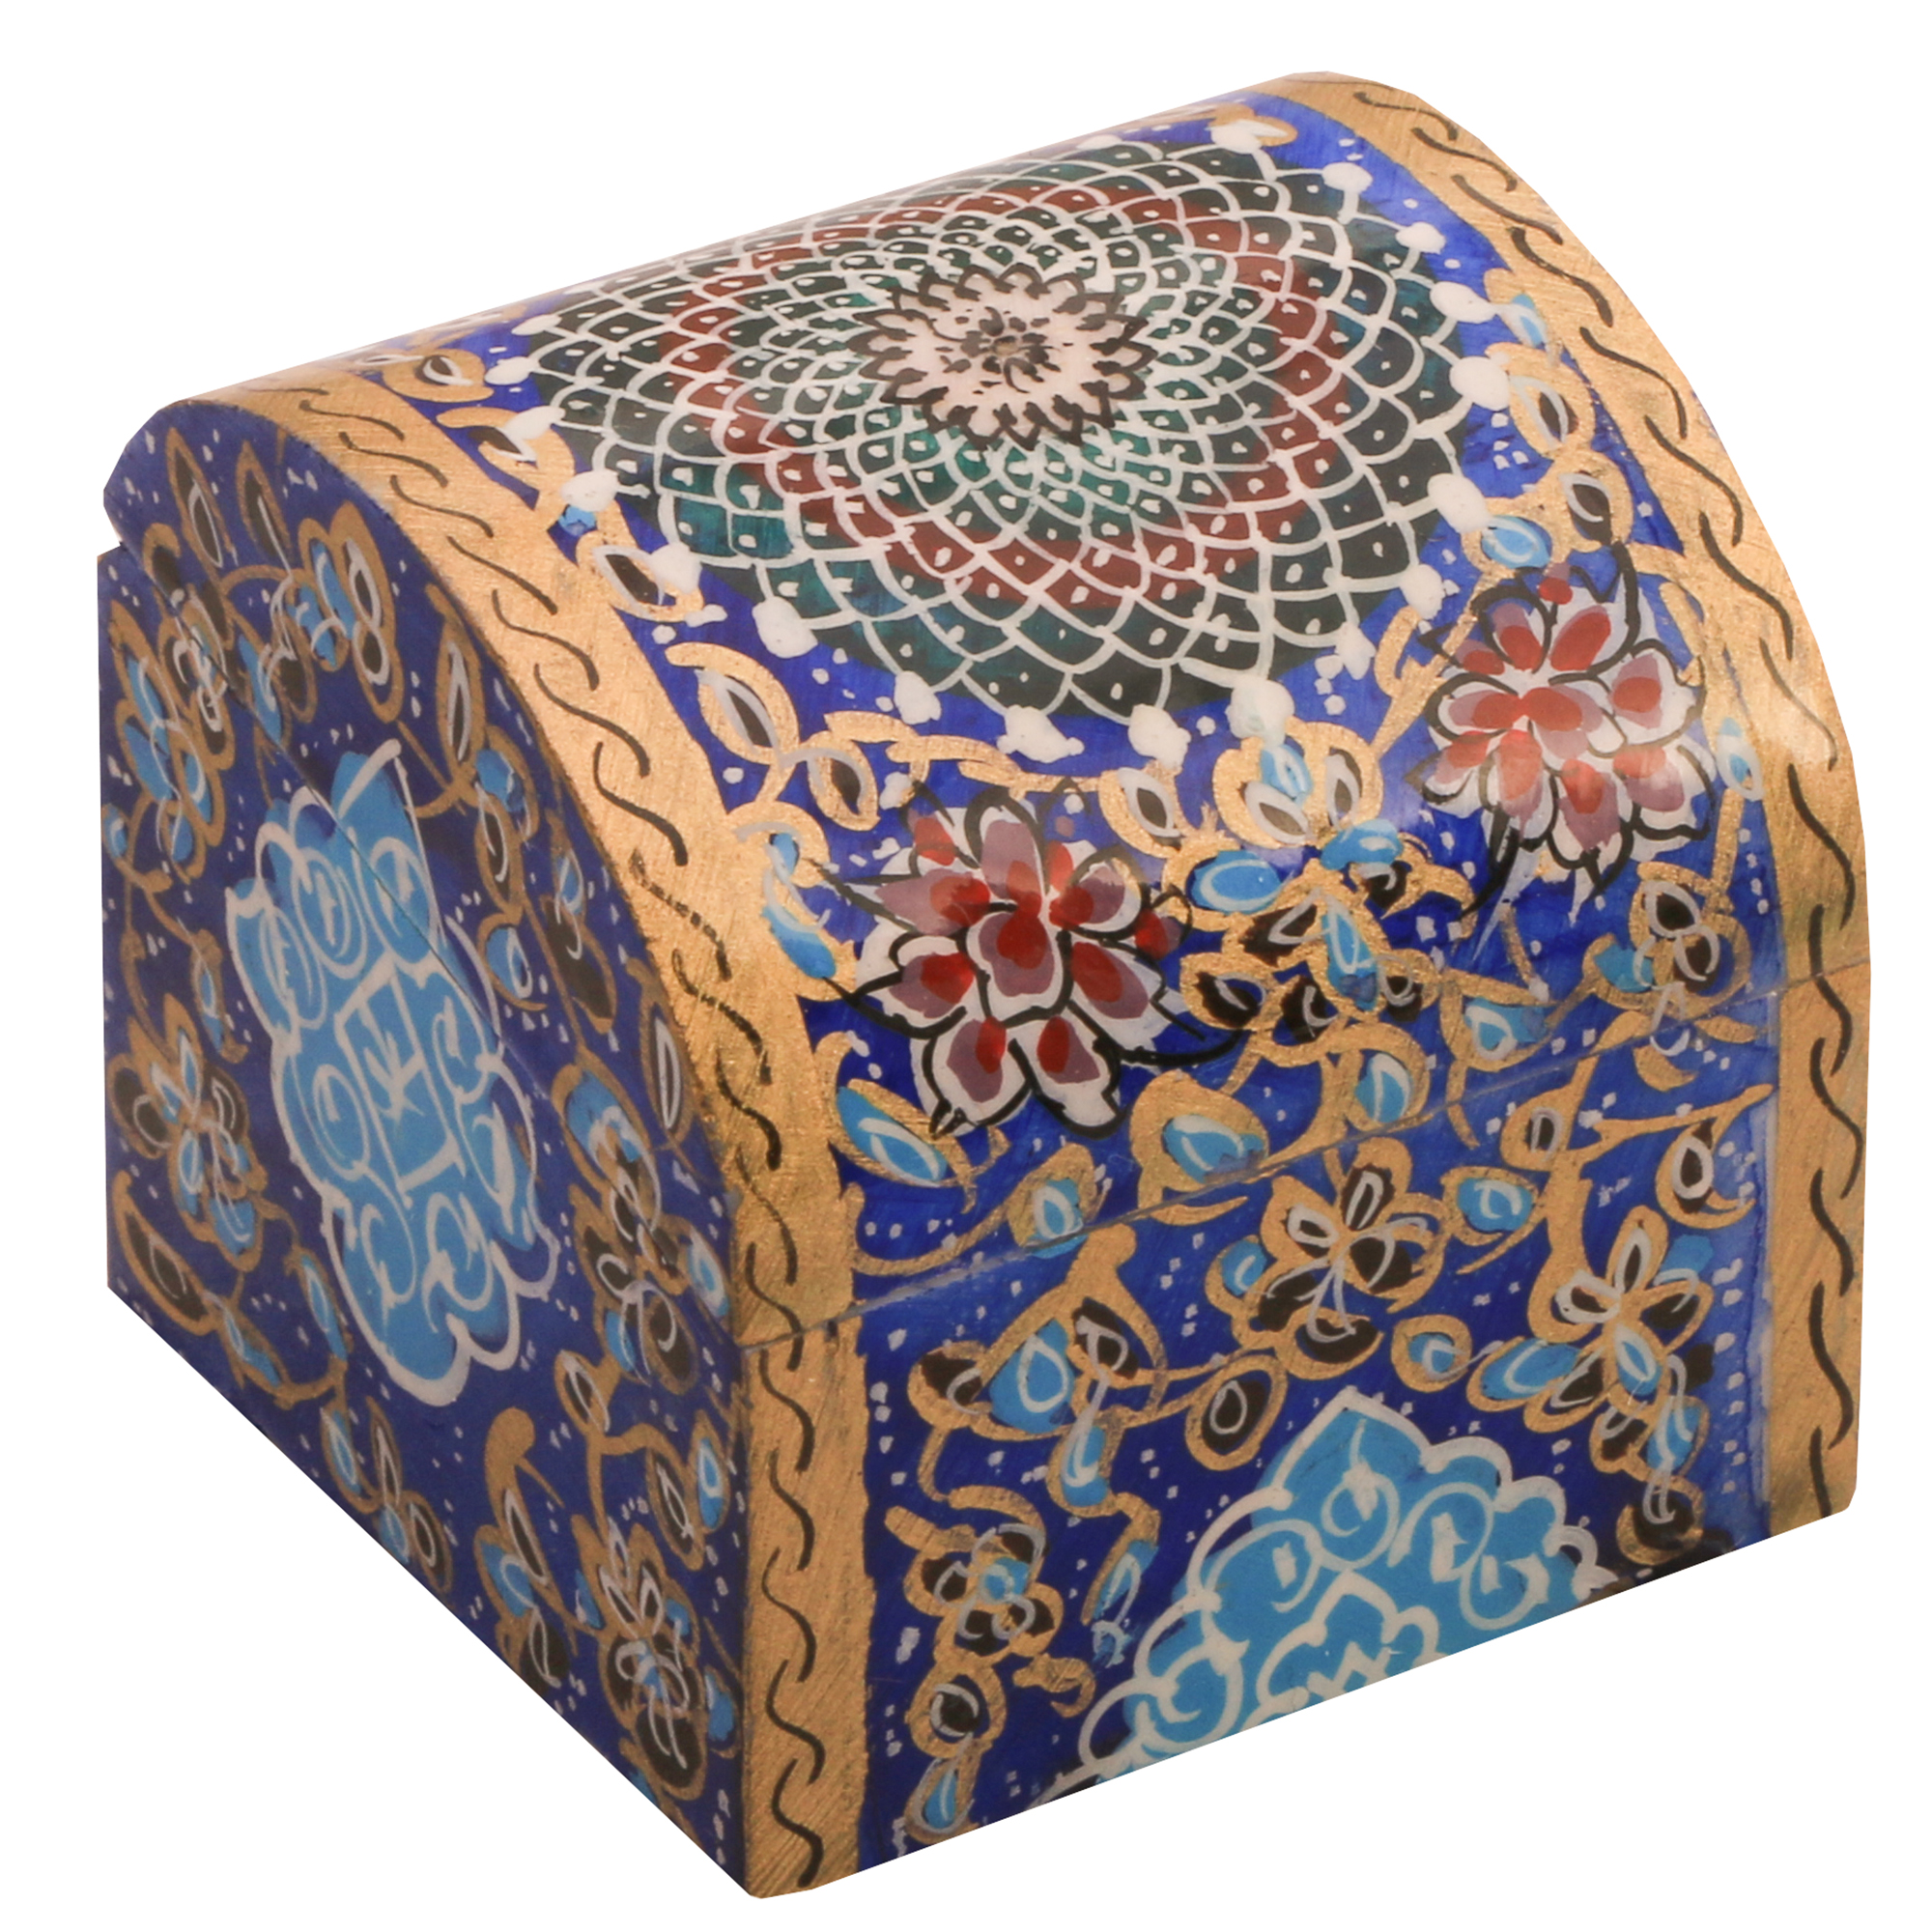 جعبه جواهرات استخوانی کد 1095